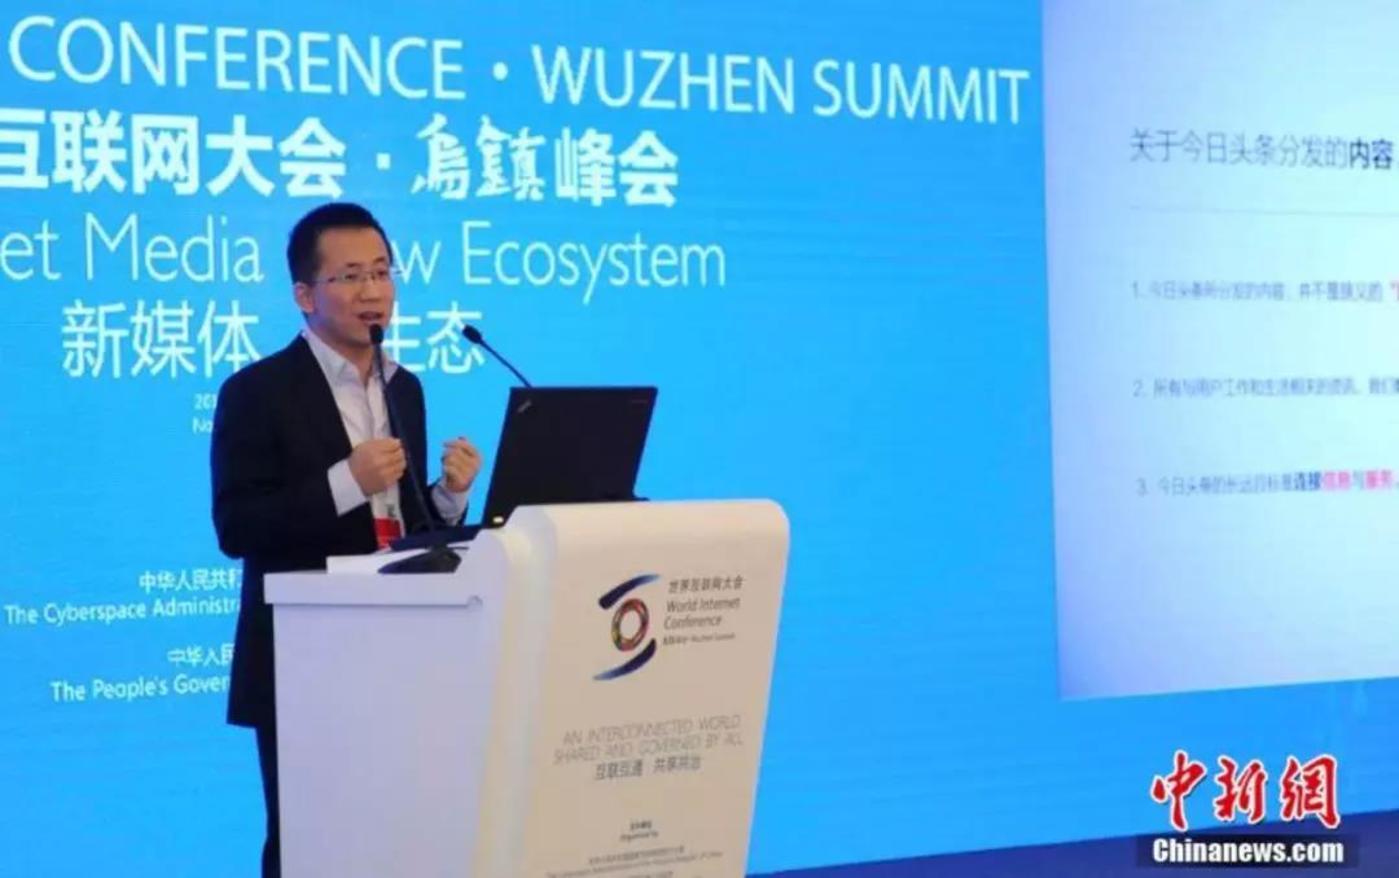 2014年11月,乌镇,首届互联网大会召开,张一鸣登台发表演讲(图片来自中新社报道)